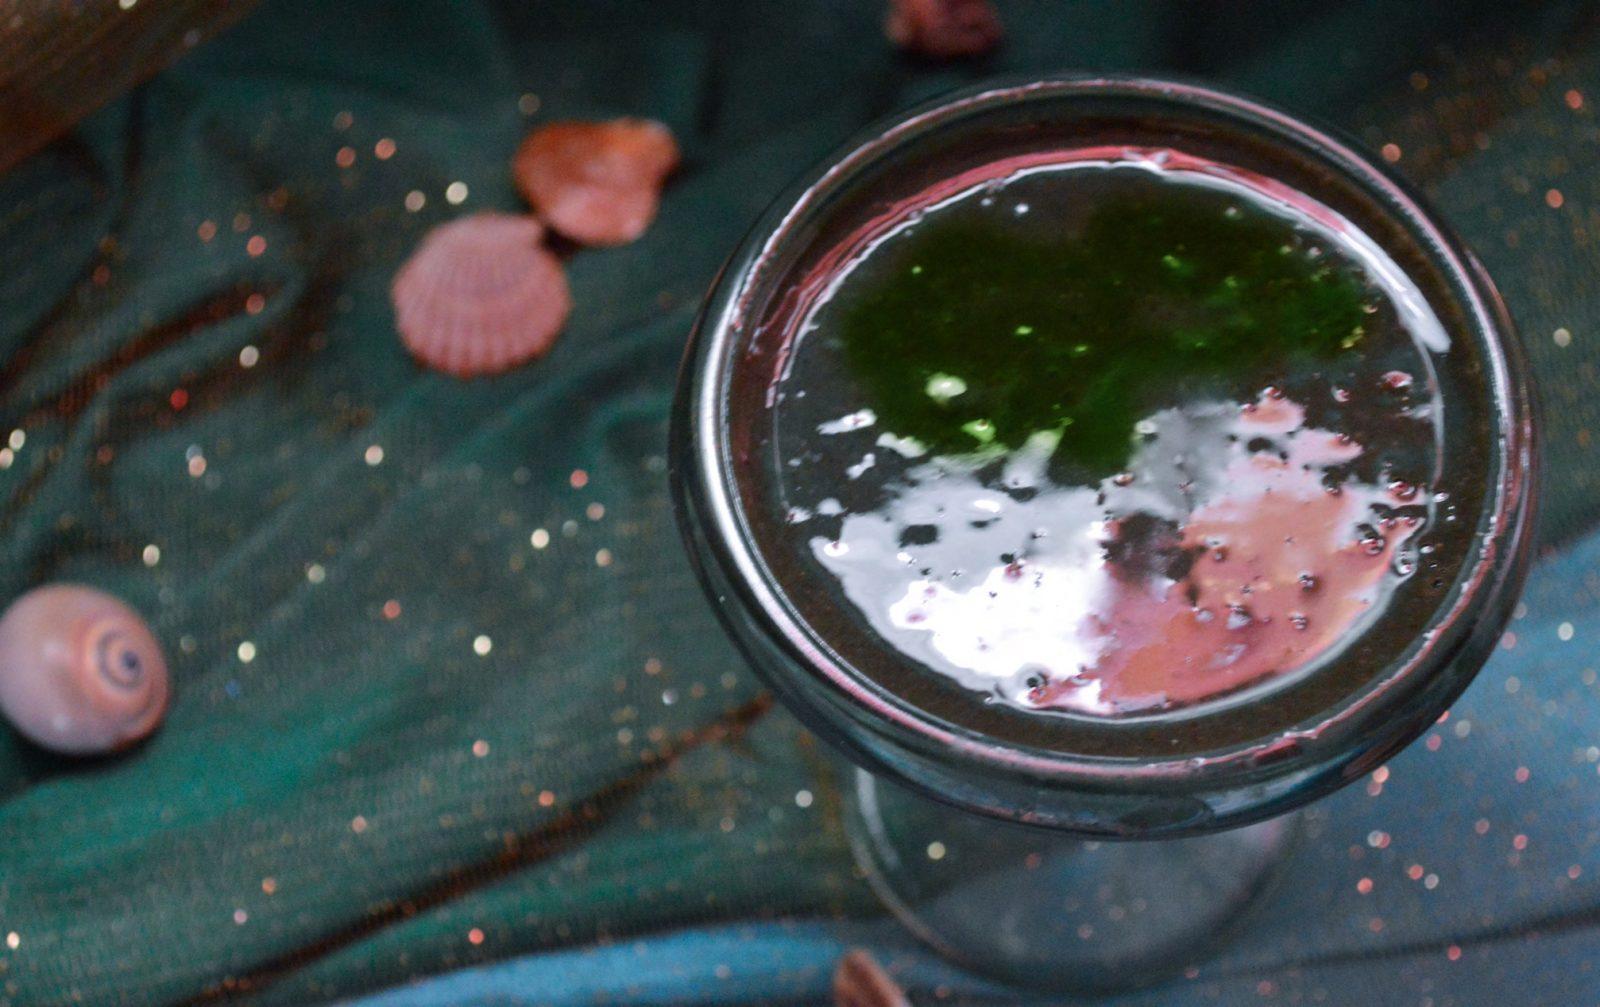 Mermaid's Elixir